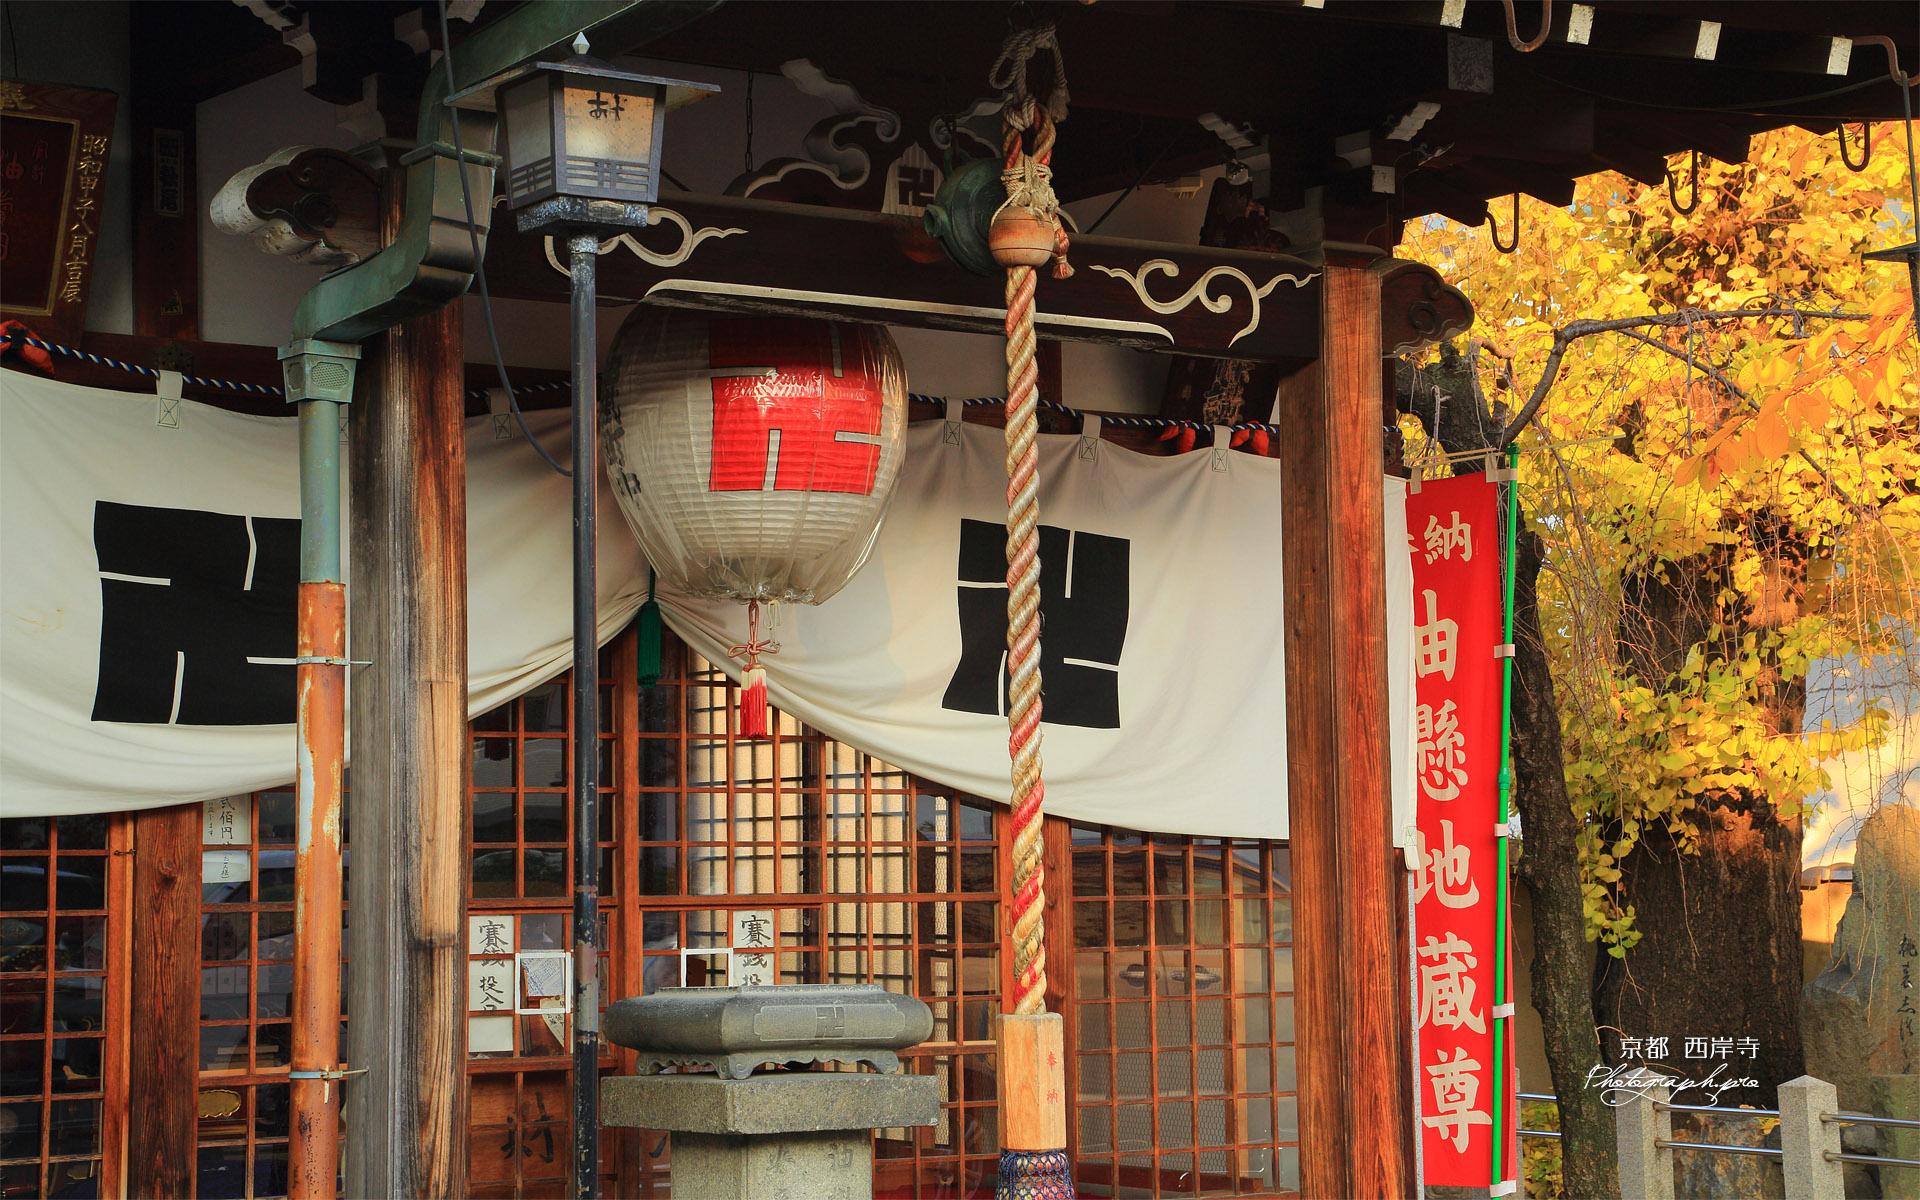 伏見 西岸寺地蔵堂と銀杏黄葉